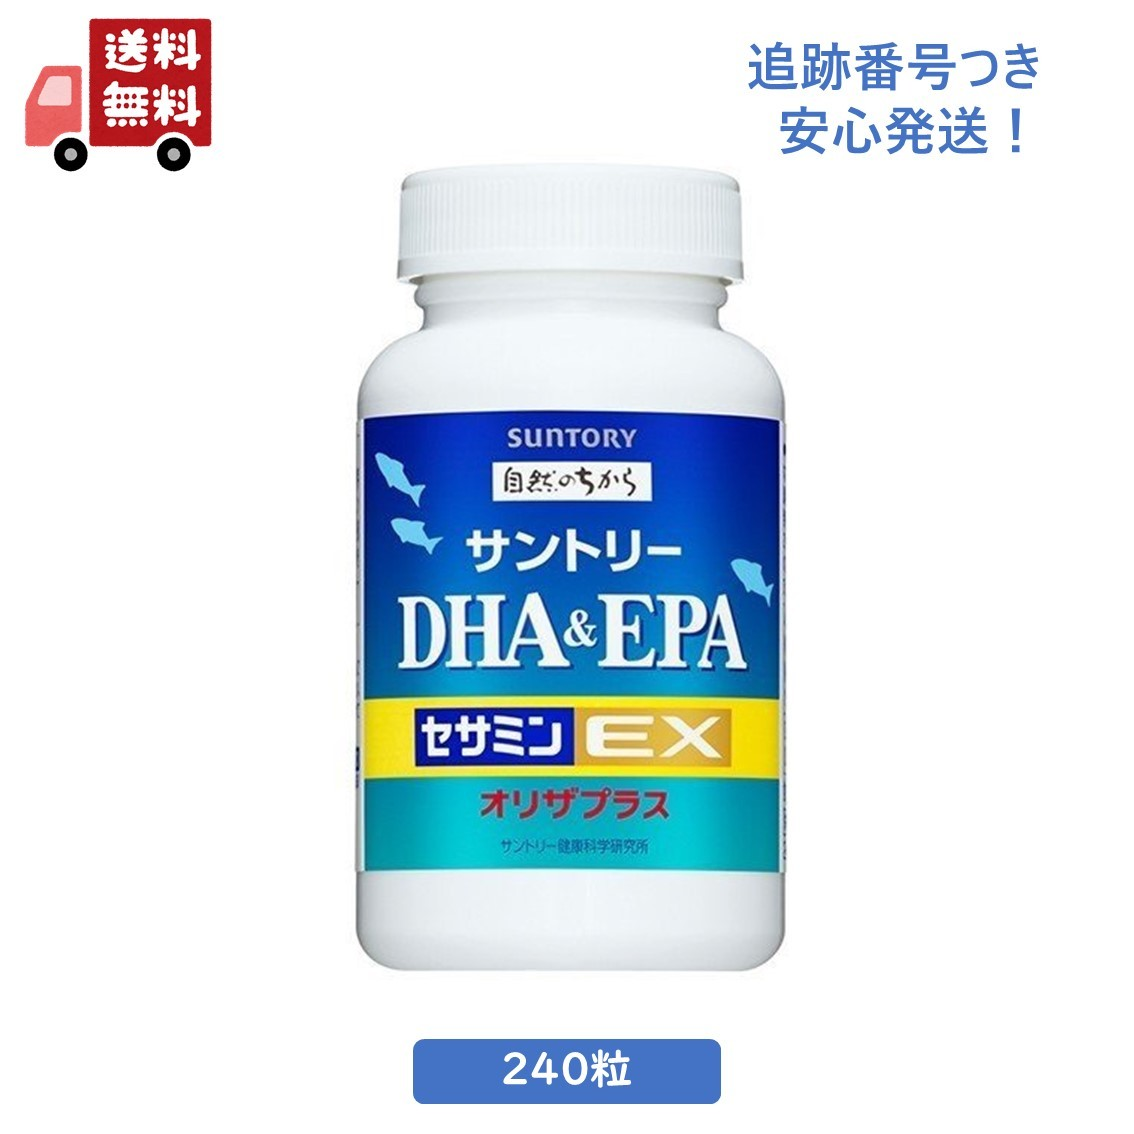 送料無料 迅速にお届けします 訳あり サントリー DHA EPA セサミンEX 120粒 ゴマ 240粒 2個分 新品未使用正規品 青魚 ビタミンE